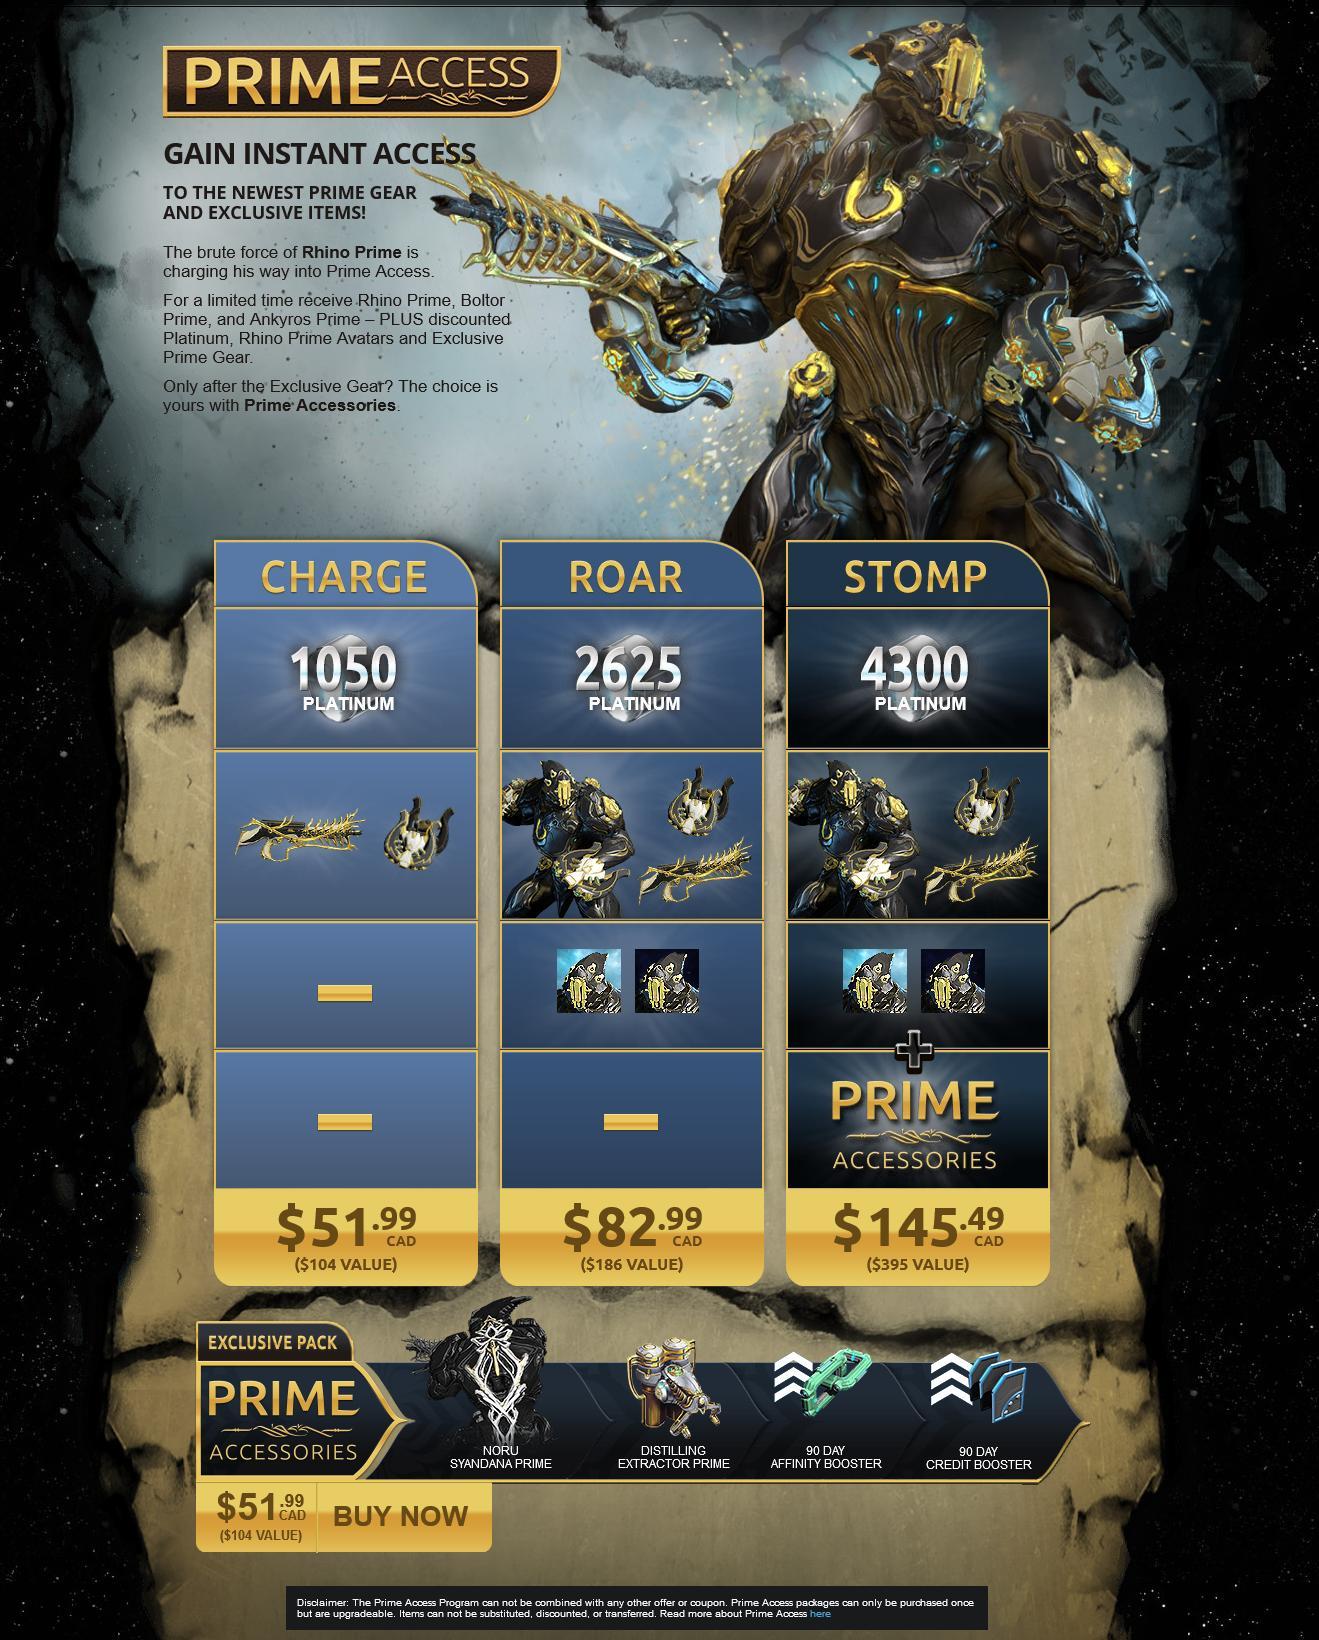 Warframe loki prime cost - 610ae44ed3717161e441d26113b24f48 Jpg